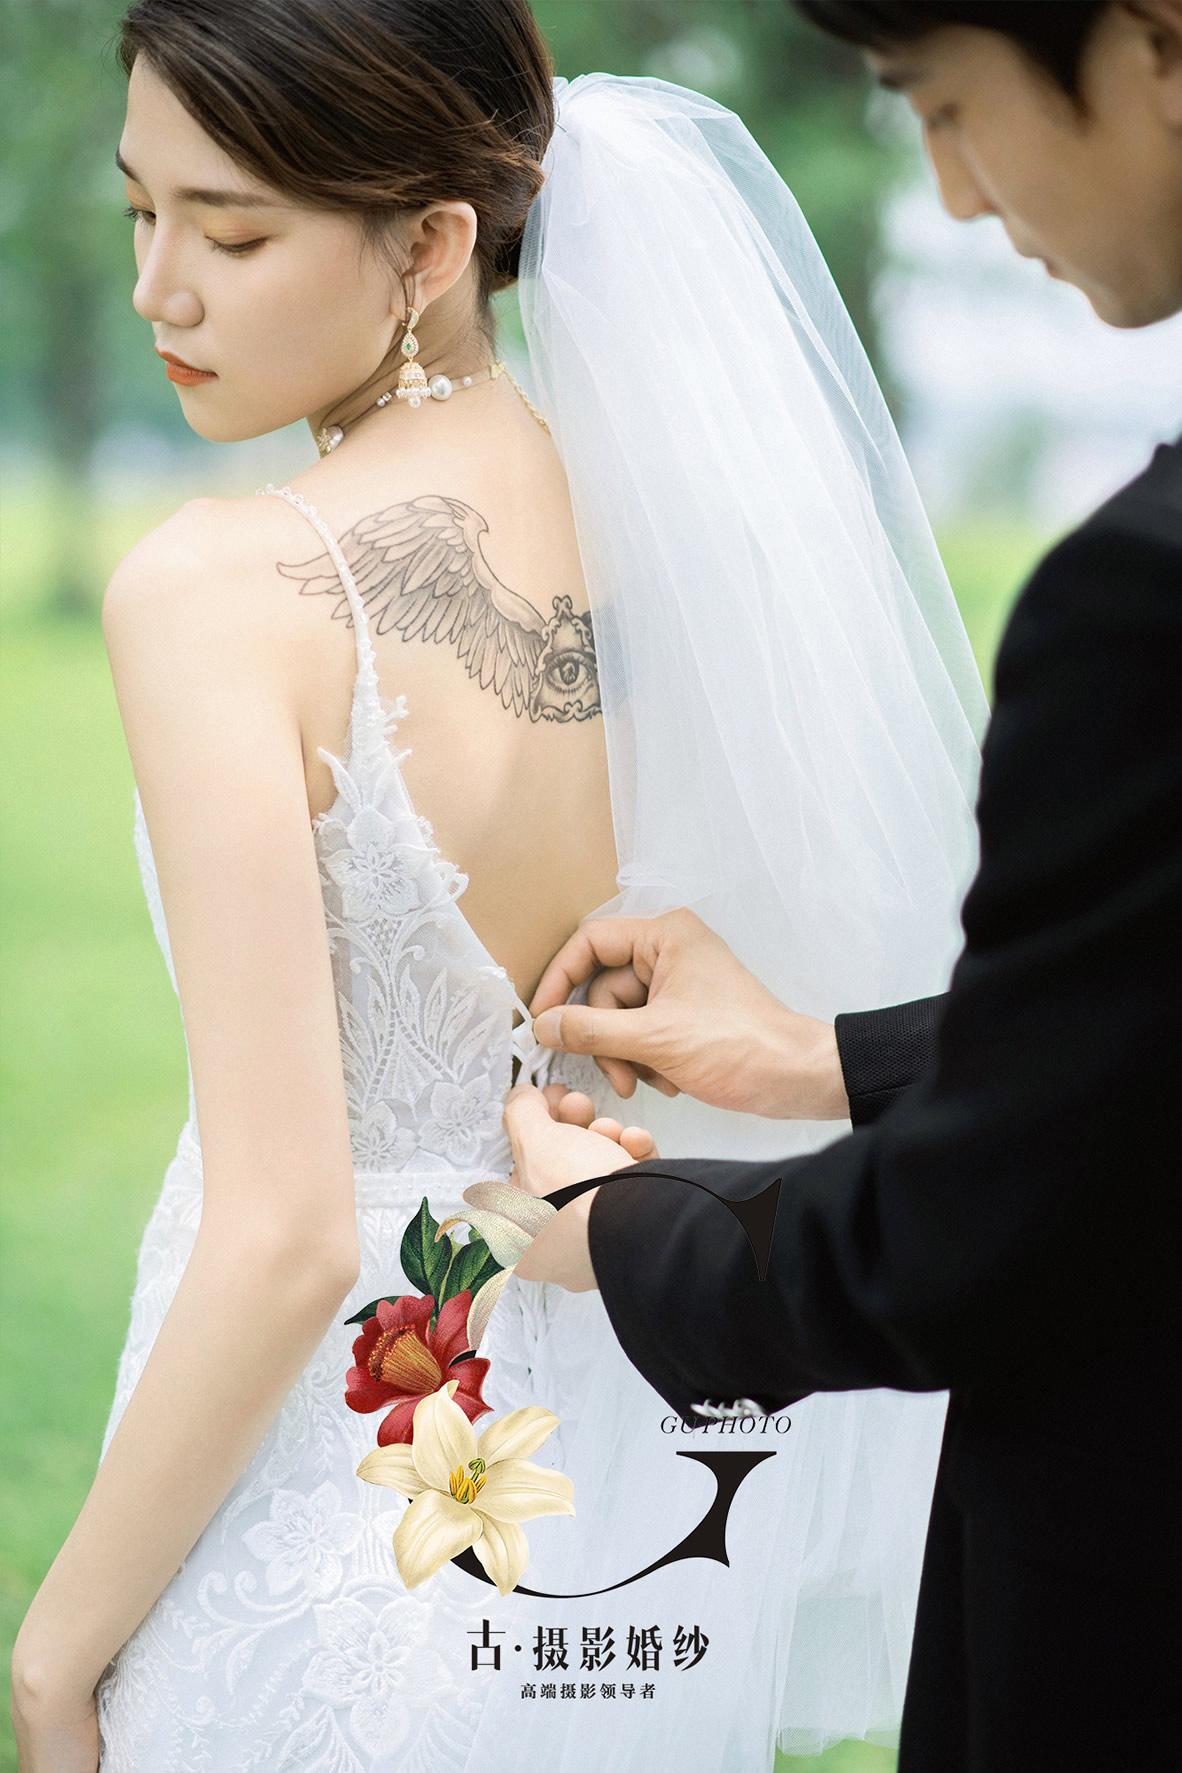 麋鹿森林《安纳西的夏天》 - 拍摄地 - 广州婚纱摄影-广州古摄影官网